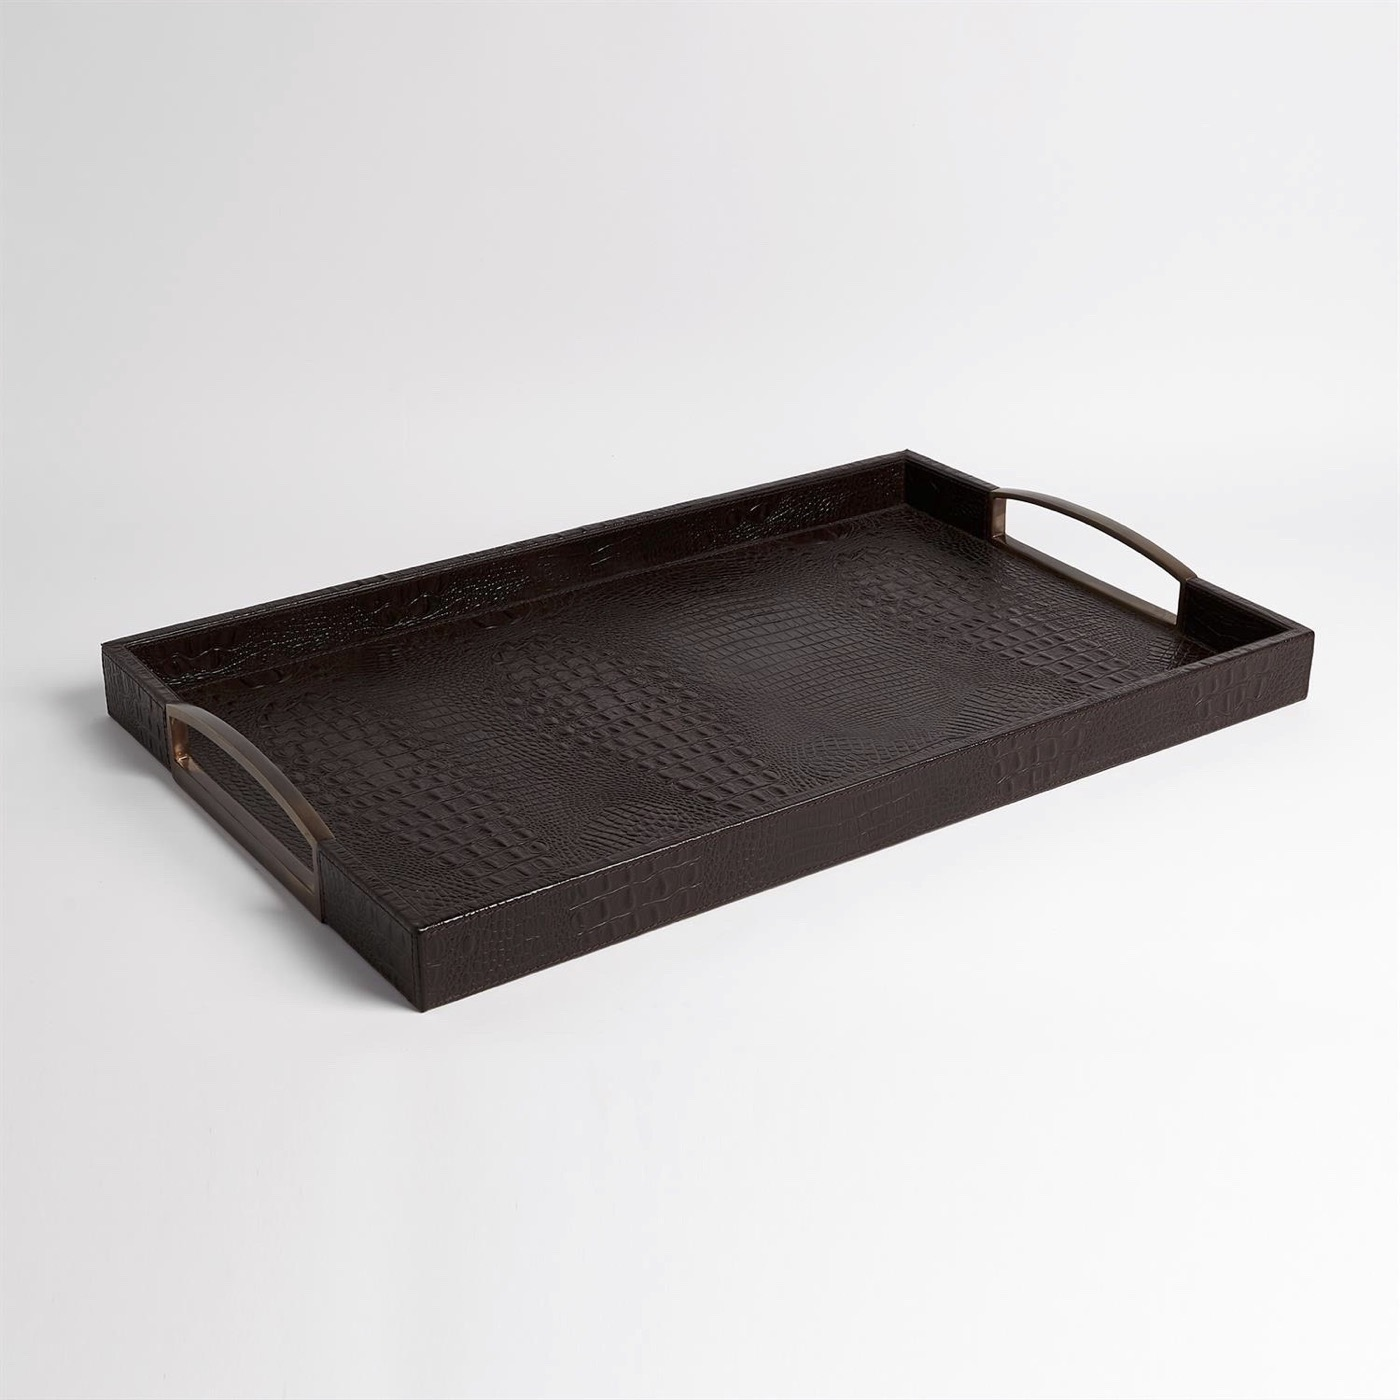 Bindi Leather Trays